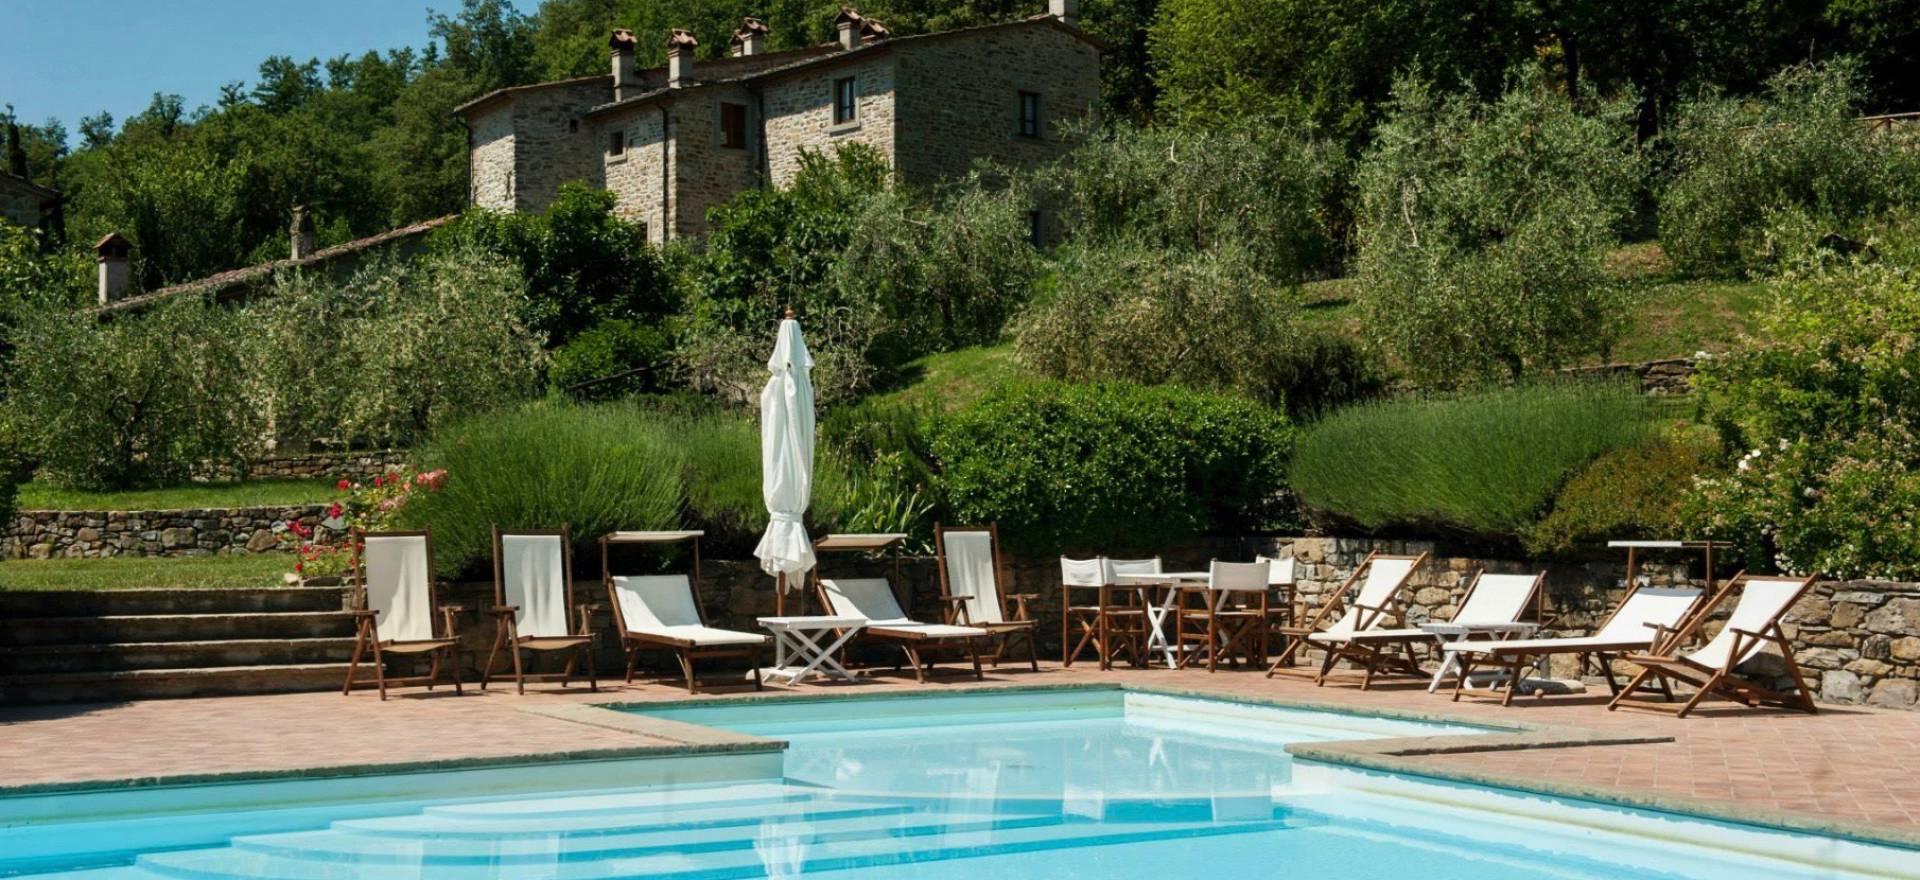 Agriturismo in Toscane, gezellig en kindvriendelijk